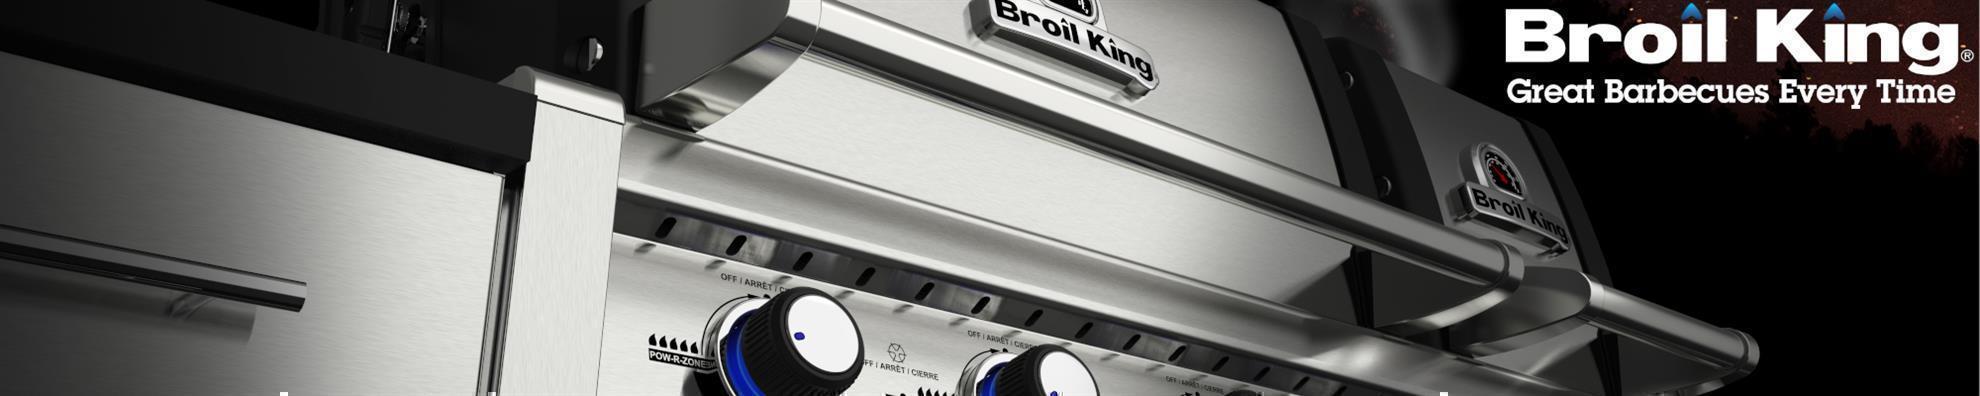 Broil King - SCHUTZHÜLLE 500ER BUILT-IN